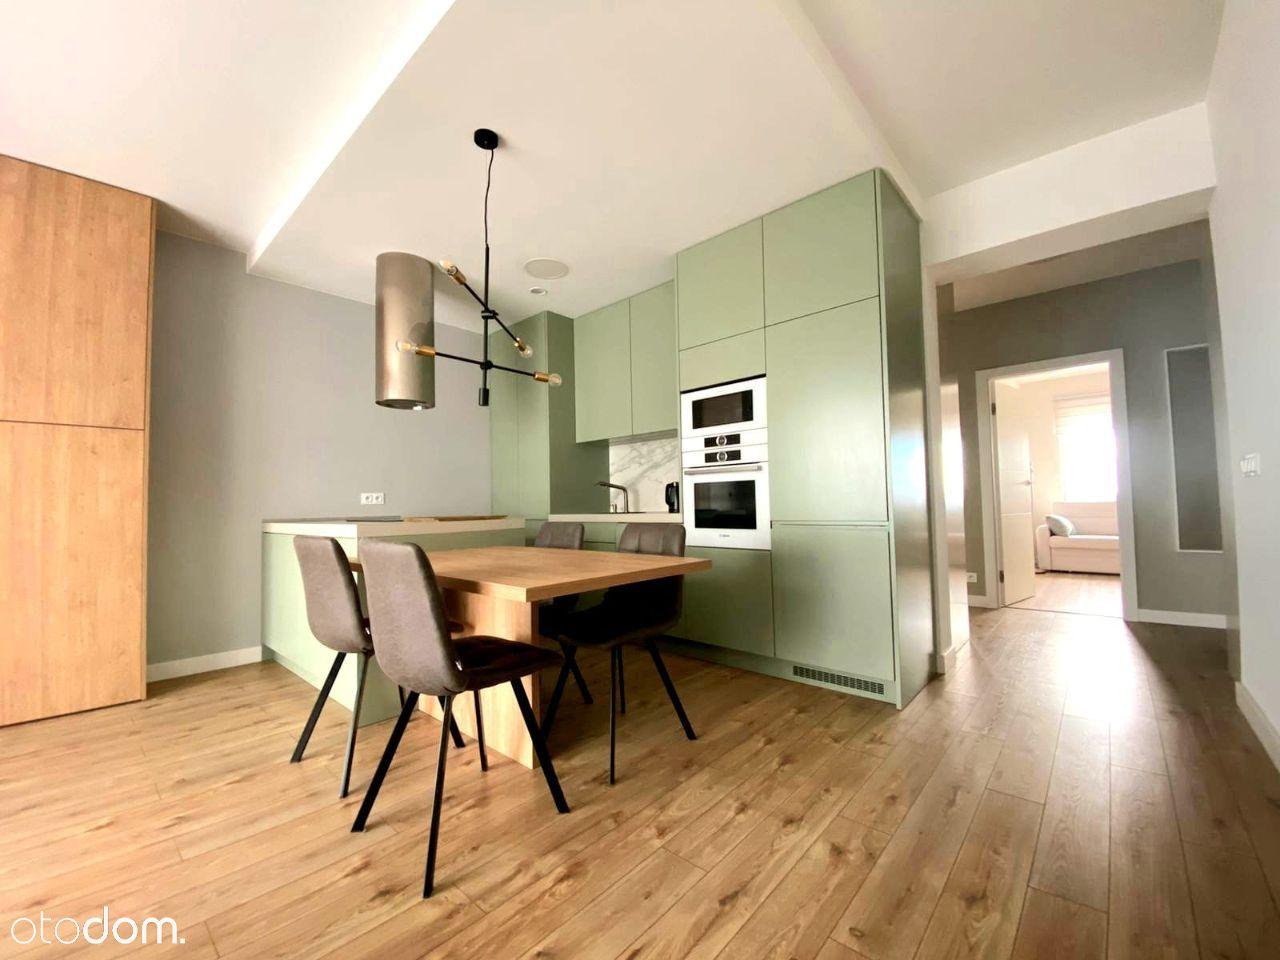 Apartament, 3 pokoje, klimatyzacja, taras